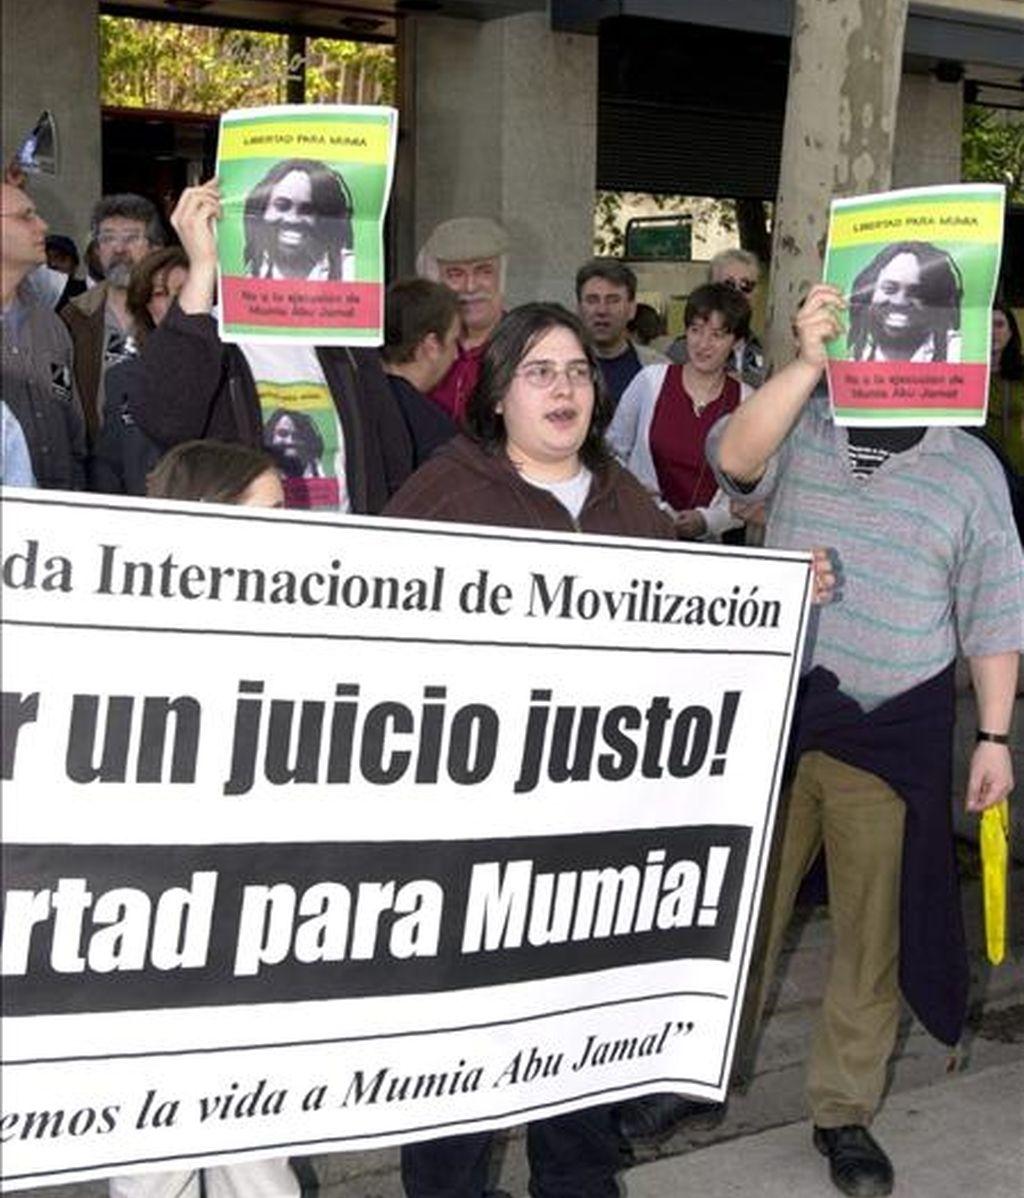 El Tribunal de Apelaciones del Tercer Distrito Federal ya había ratificado la condena de Abu Jamal, pero había declarado inválida la sentencia a pena de muerte. EFE/Archivo